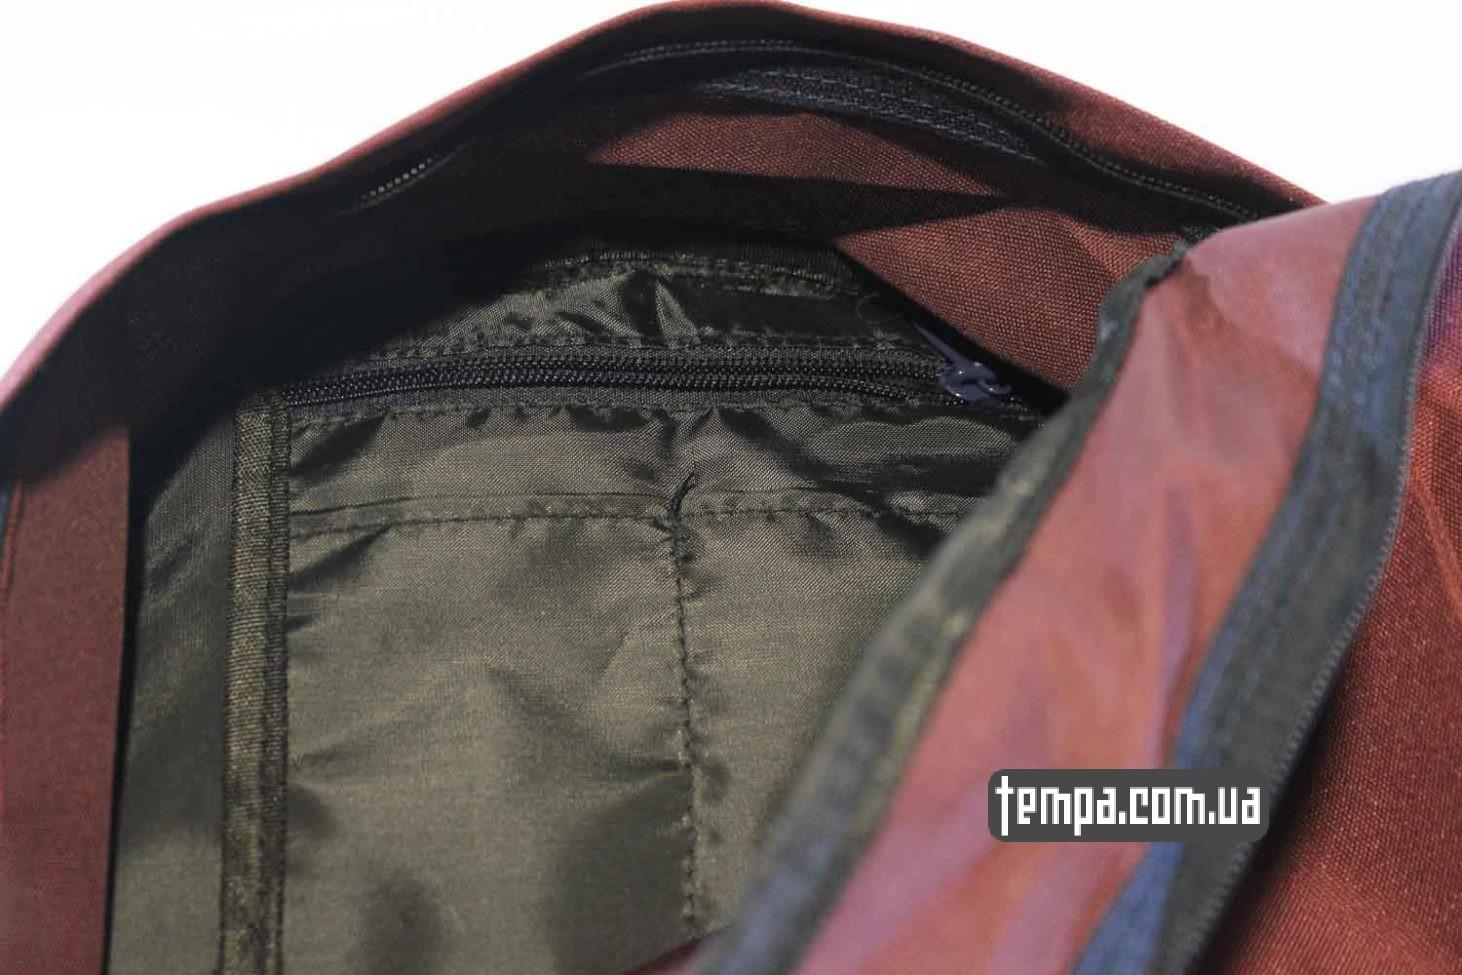 где купить оиригнальны рюкзак Carhartt красный бордовый портфель купить Украина